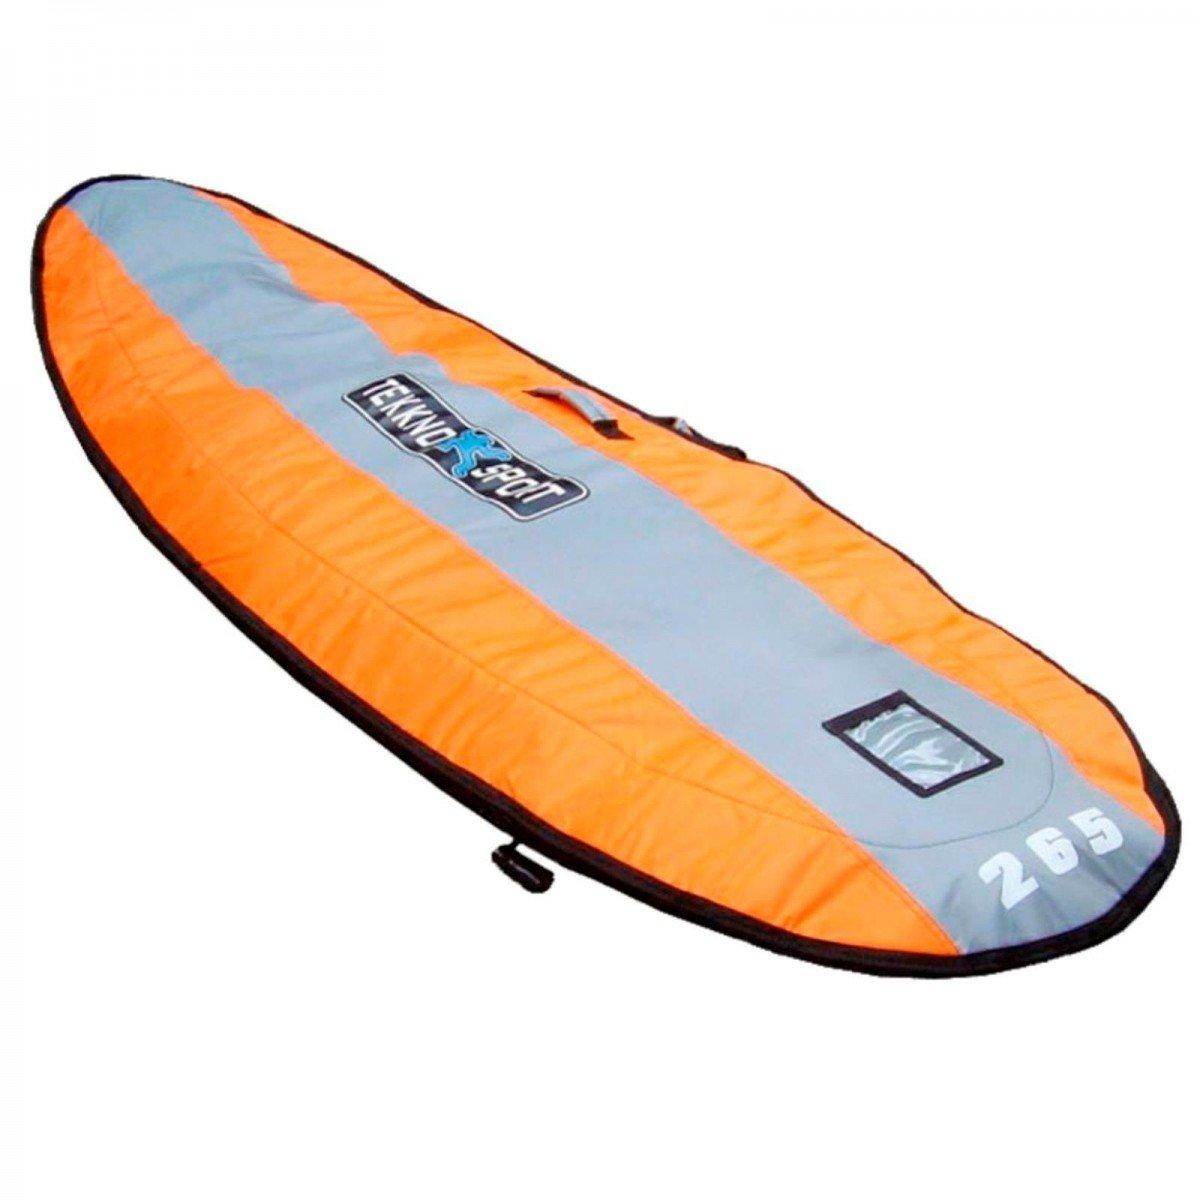 Tekknosport Boardbag 270 XL 116 (275x116) Orange